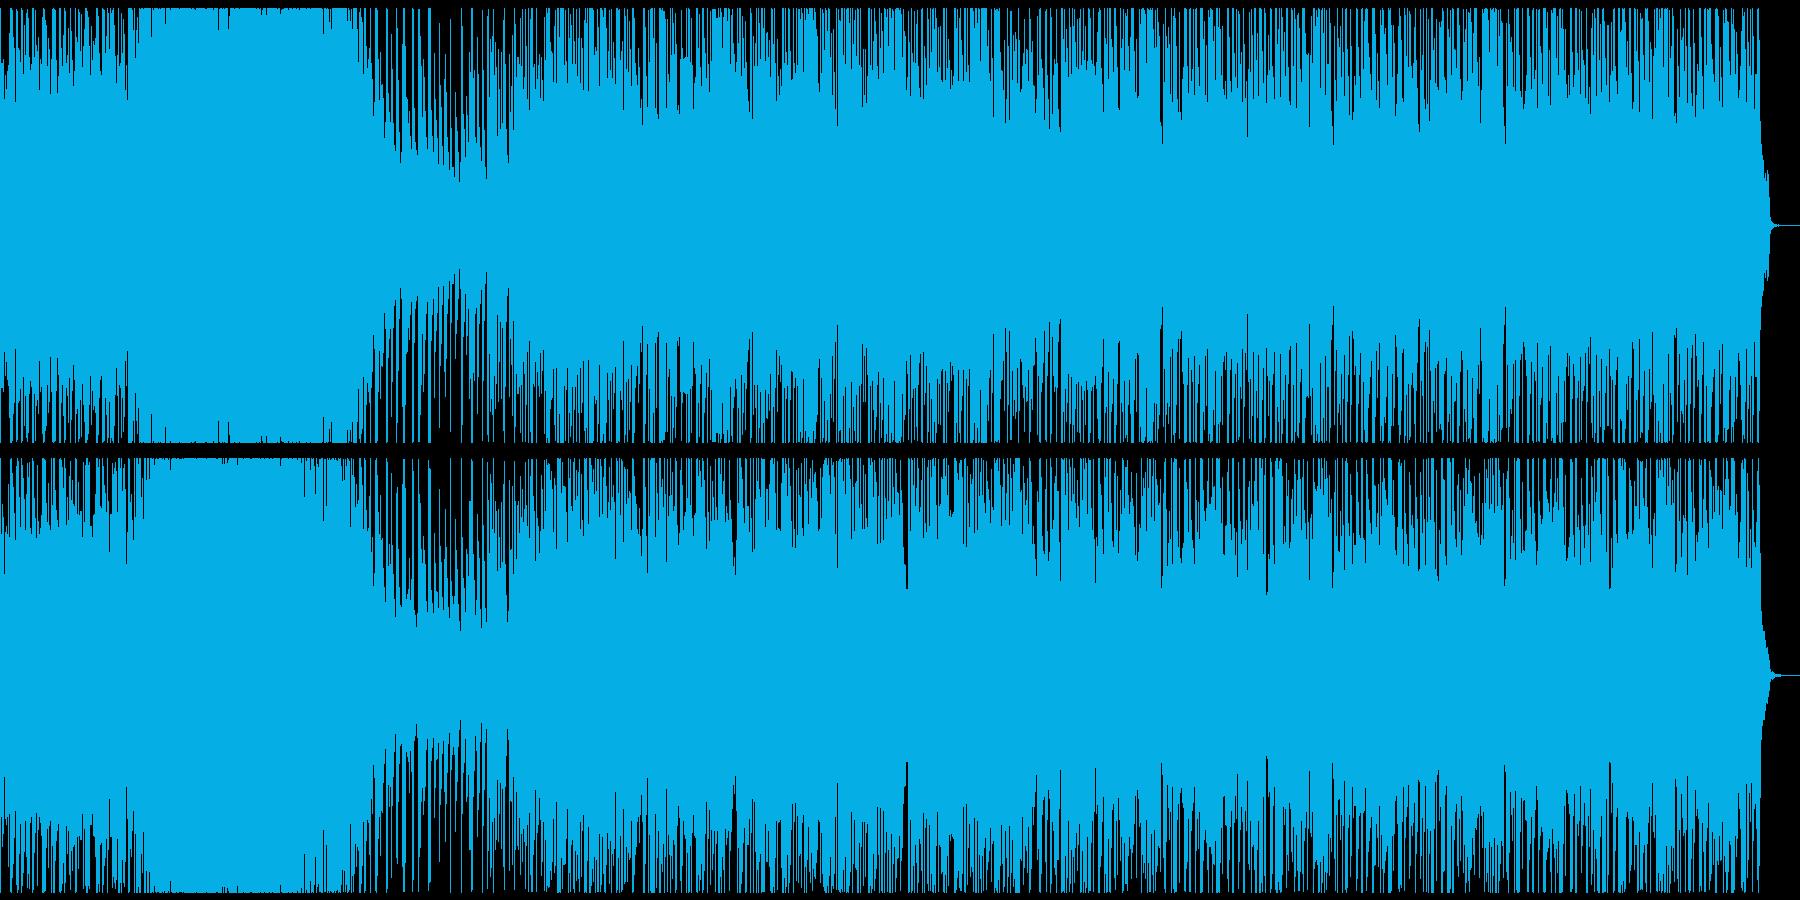 オーロラをイメージした曲のつもりですの再生済みの波形